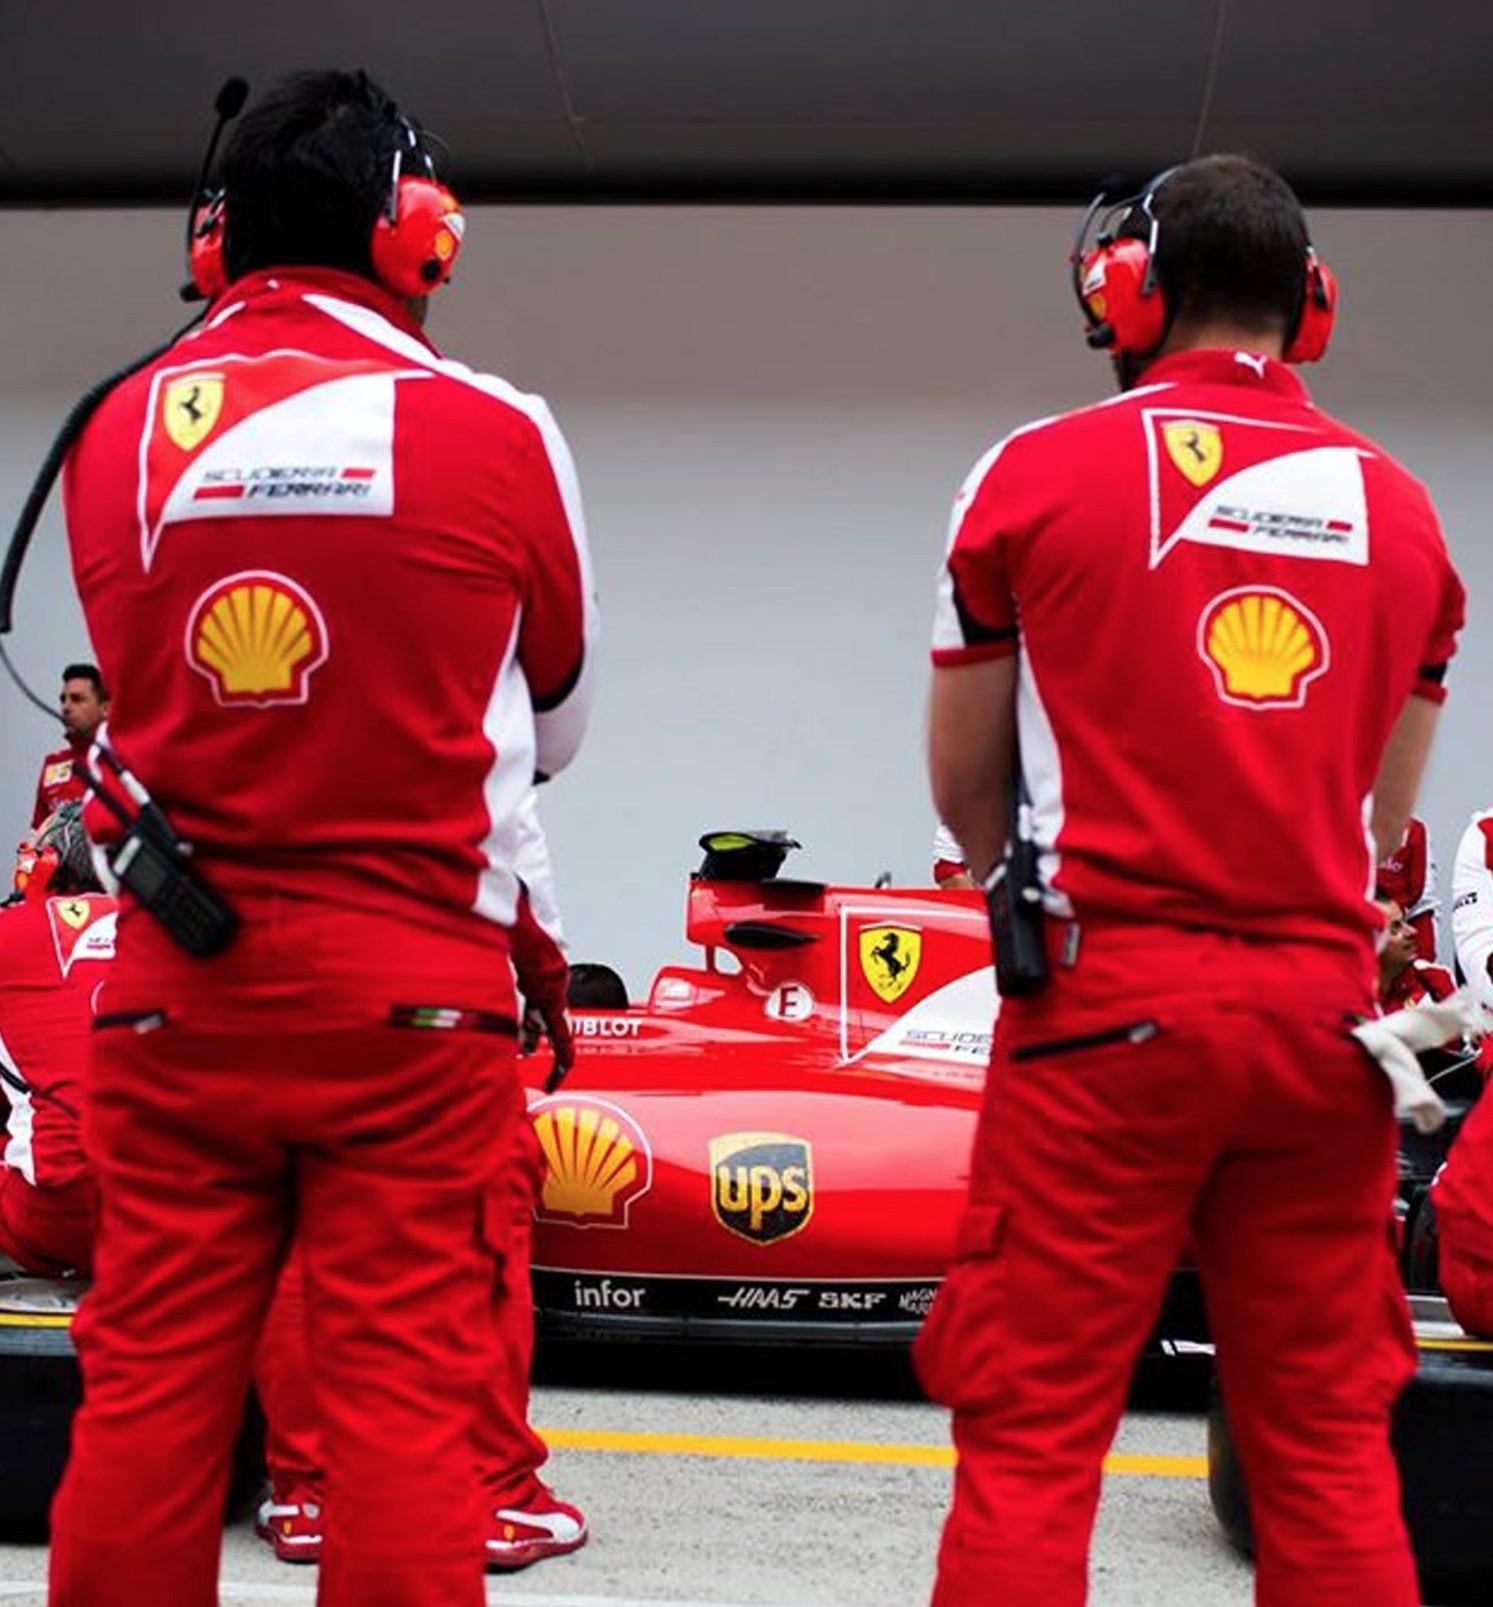 UPDATE: Dickbutt Meme In UPS Logo Put On Ferrari F1 Car